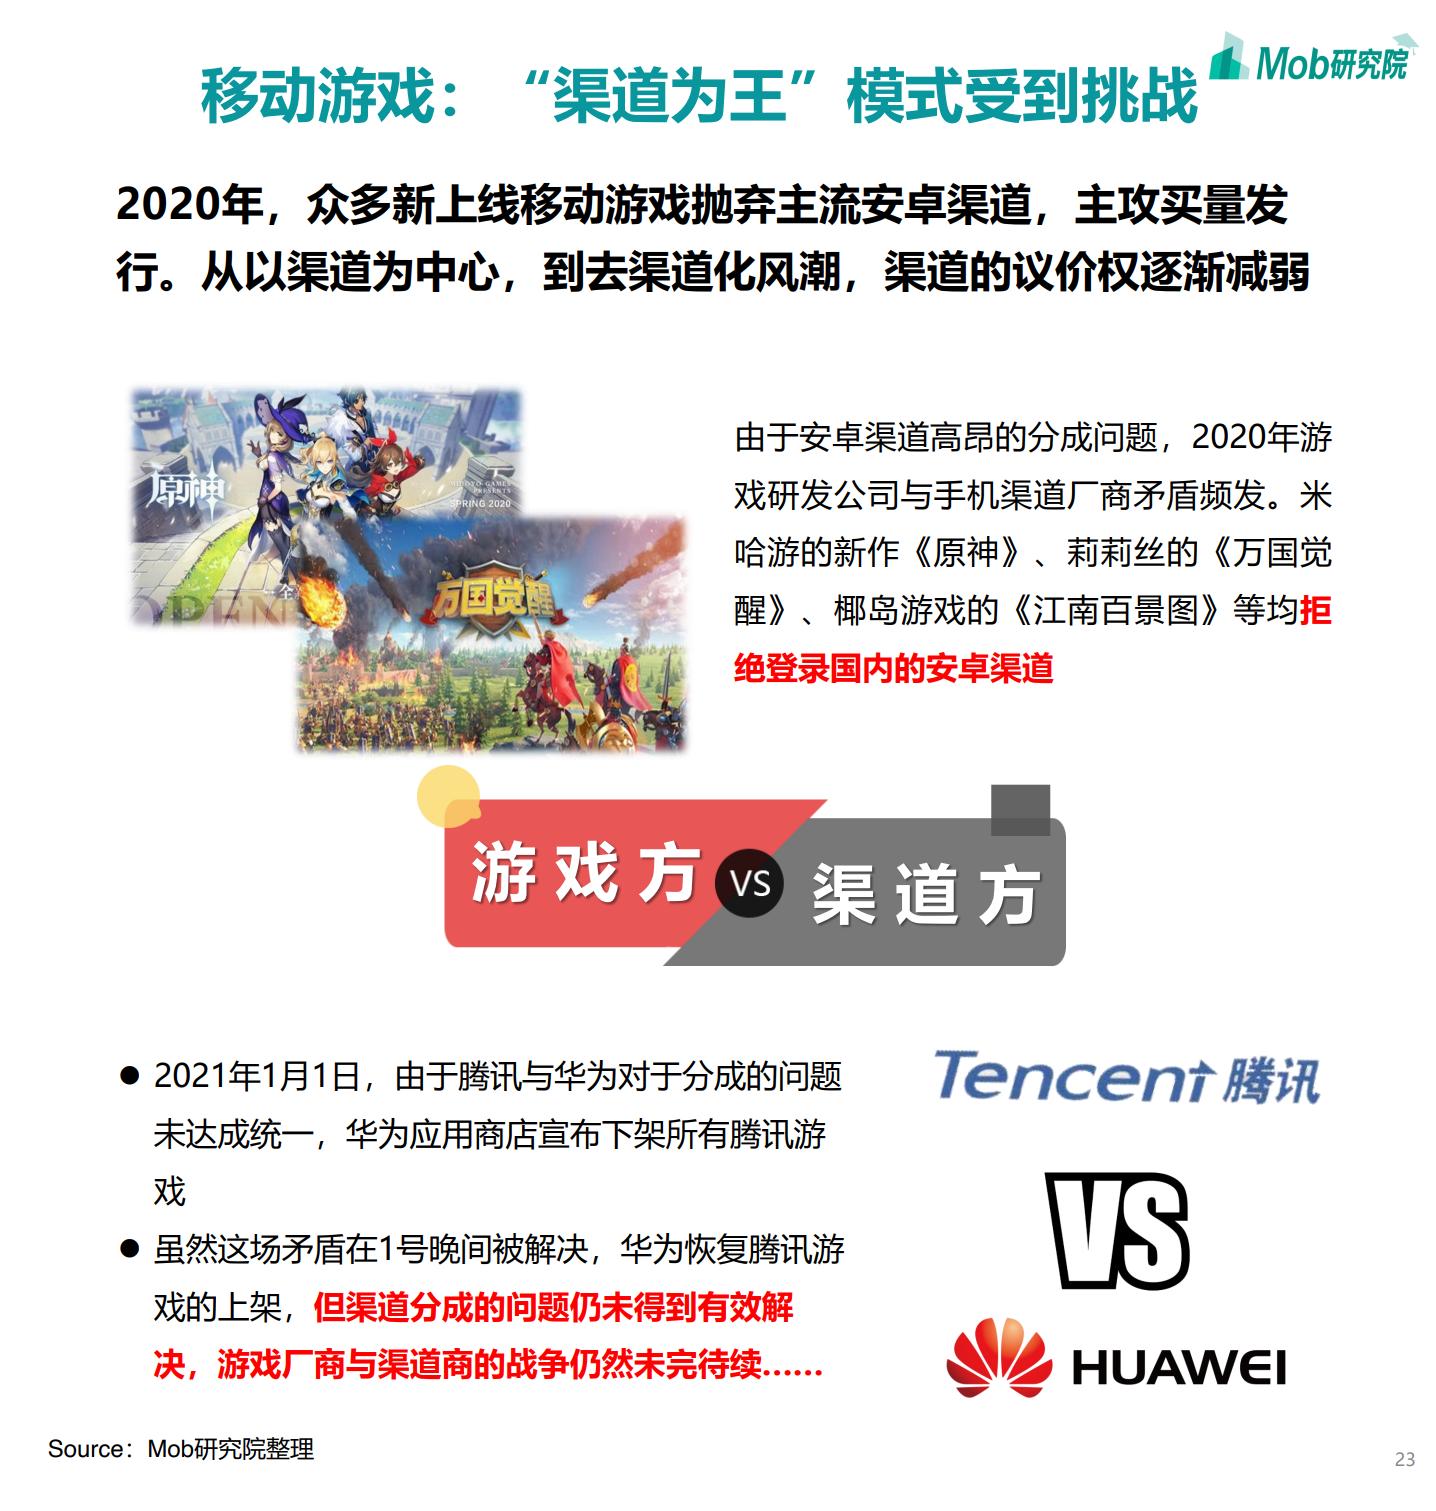 2021年中国移动互联网半年度大报告插图22